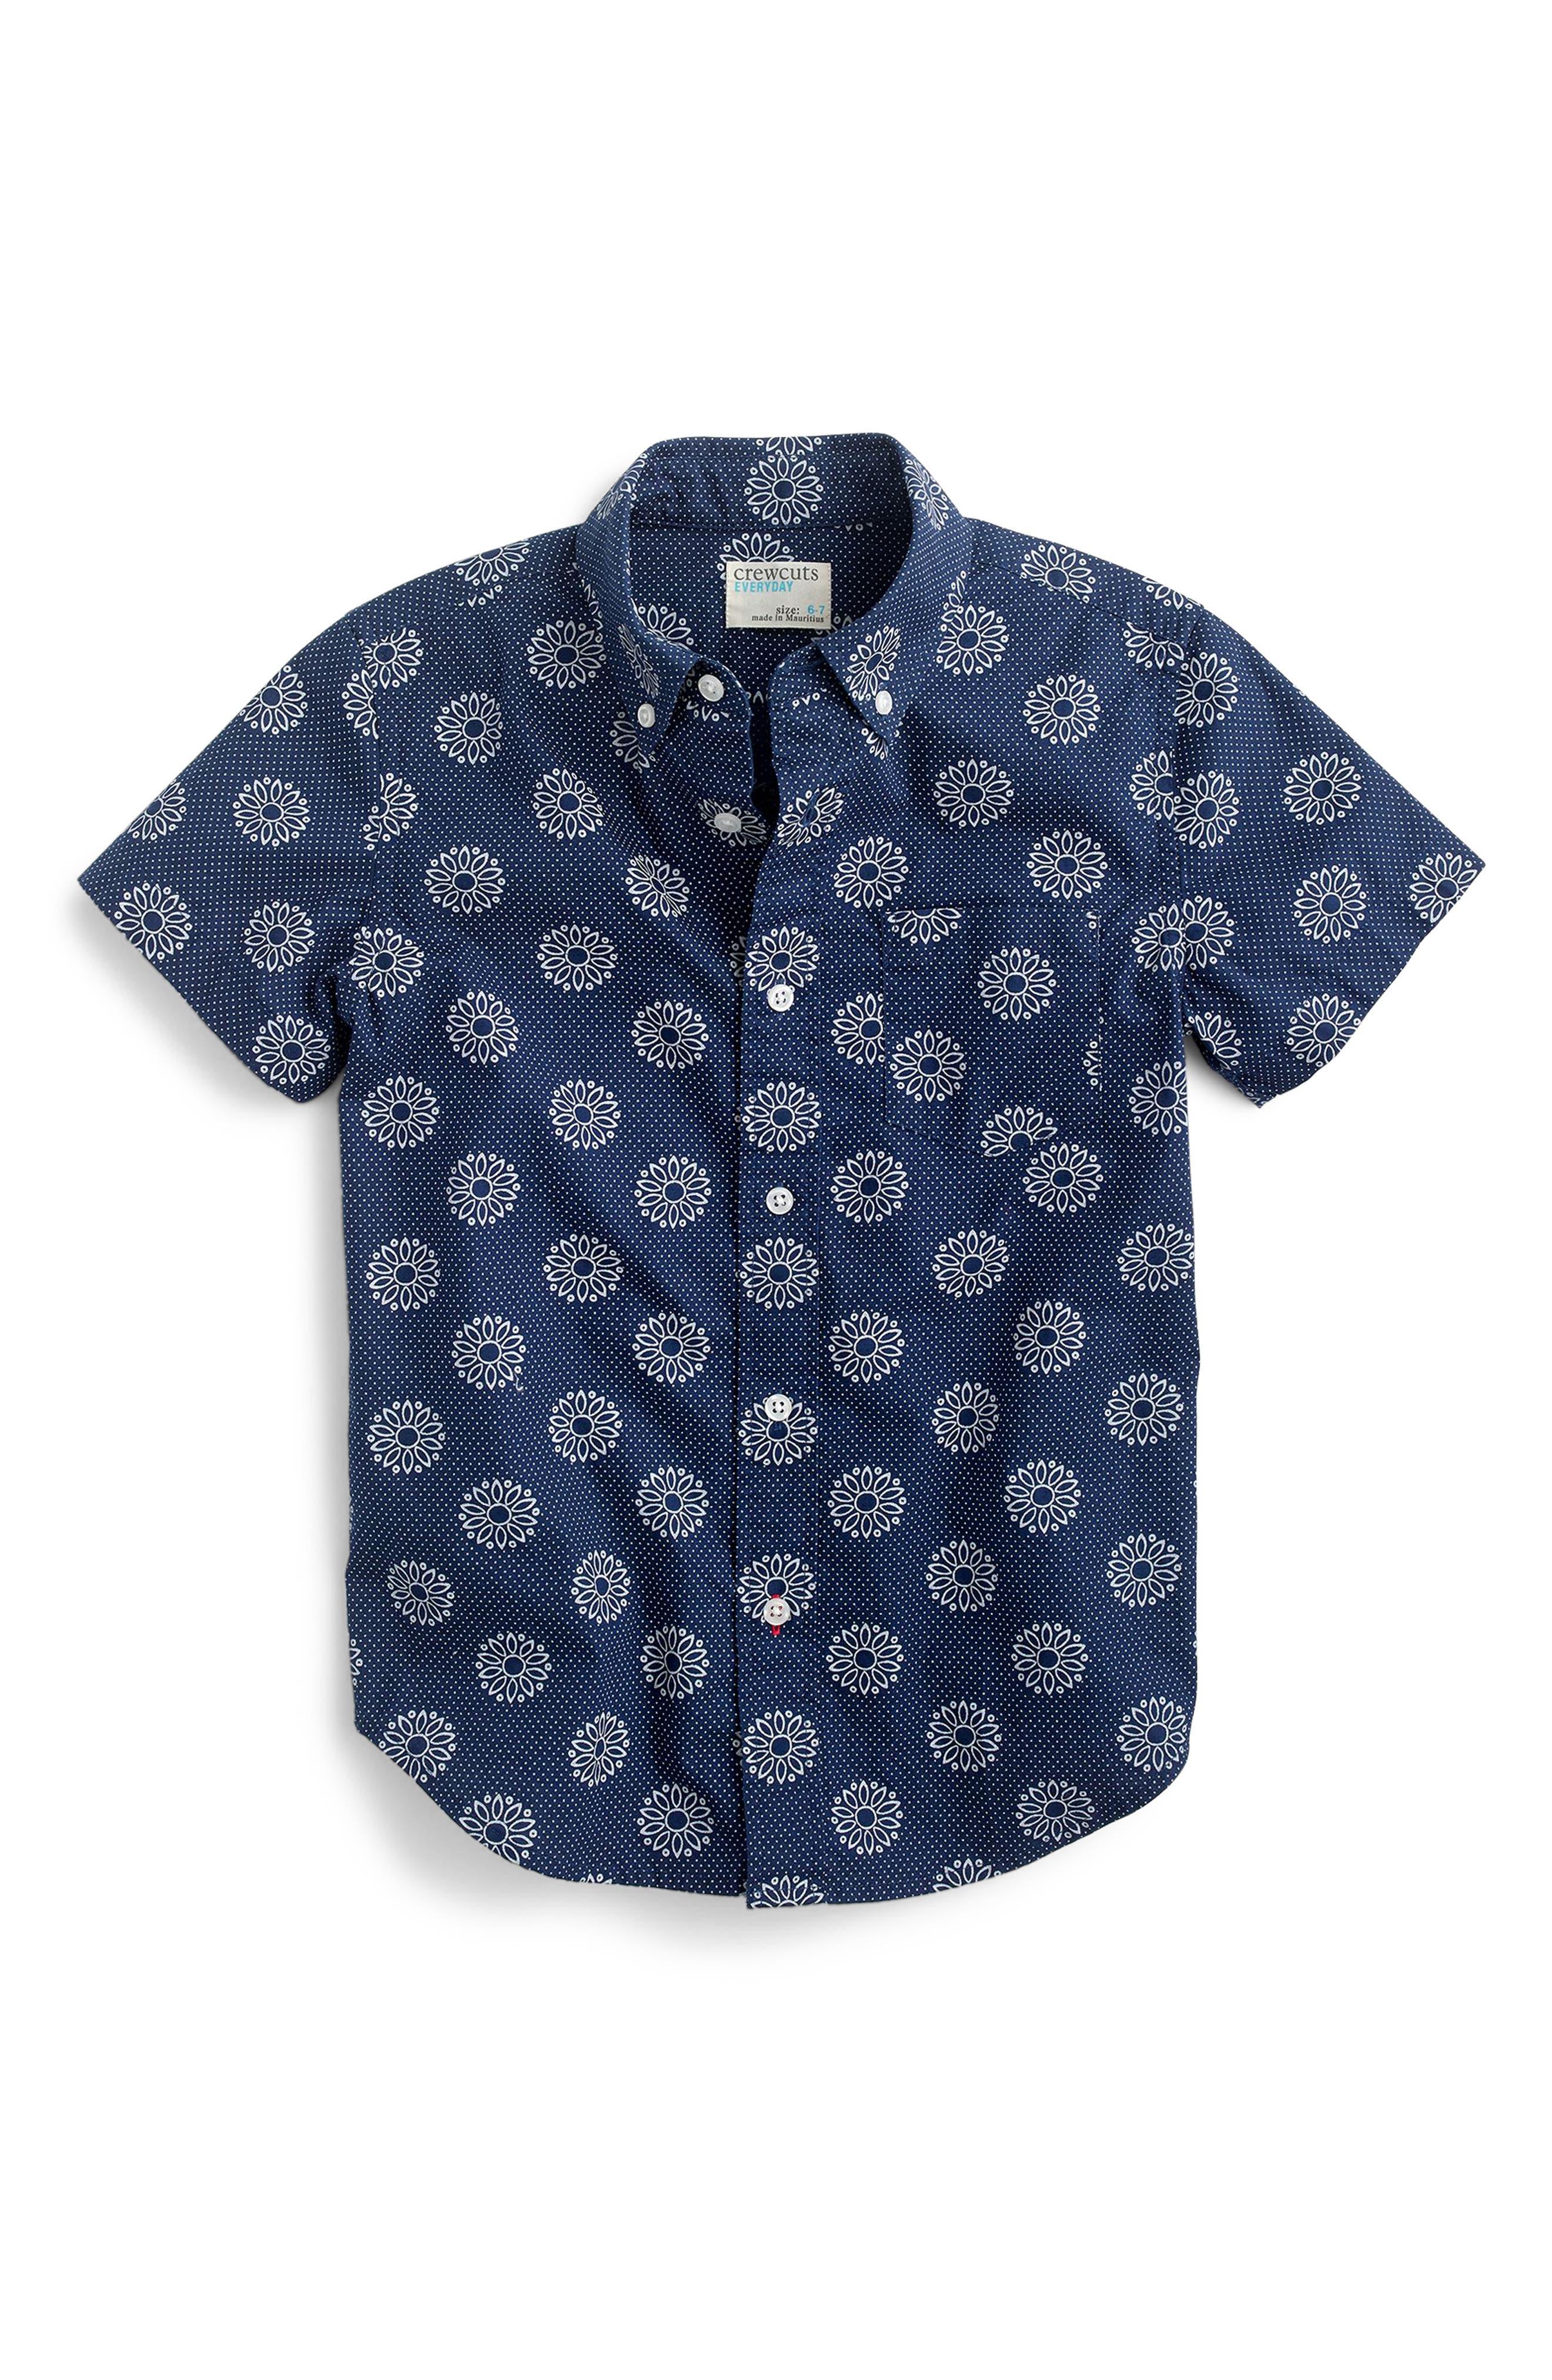 Secret Wash Shirt,                         Main,                         color, 400